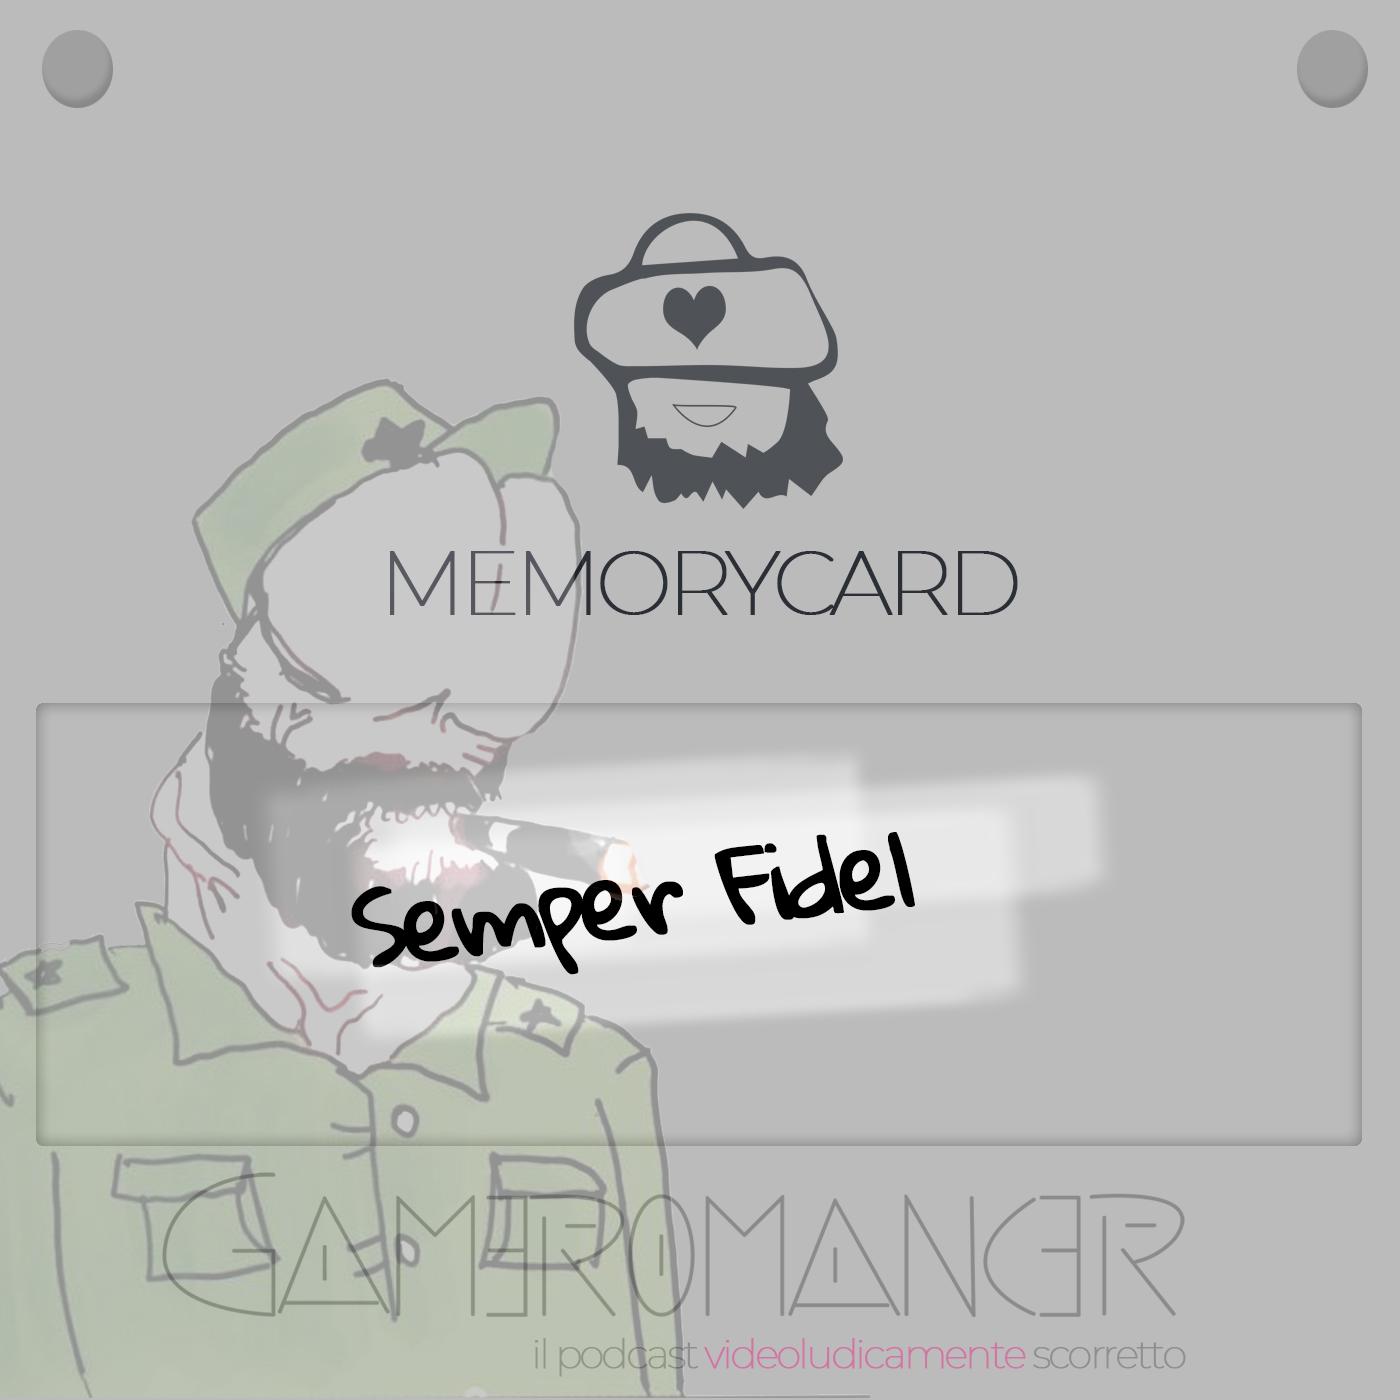 MemoryCard: Semper Fidel